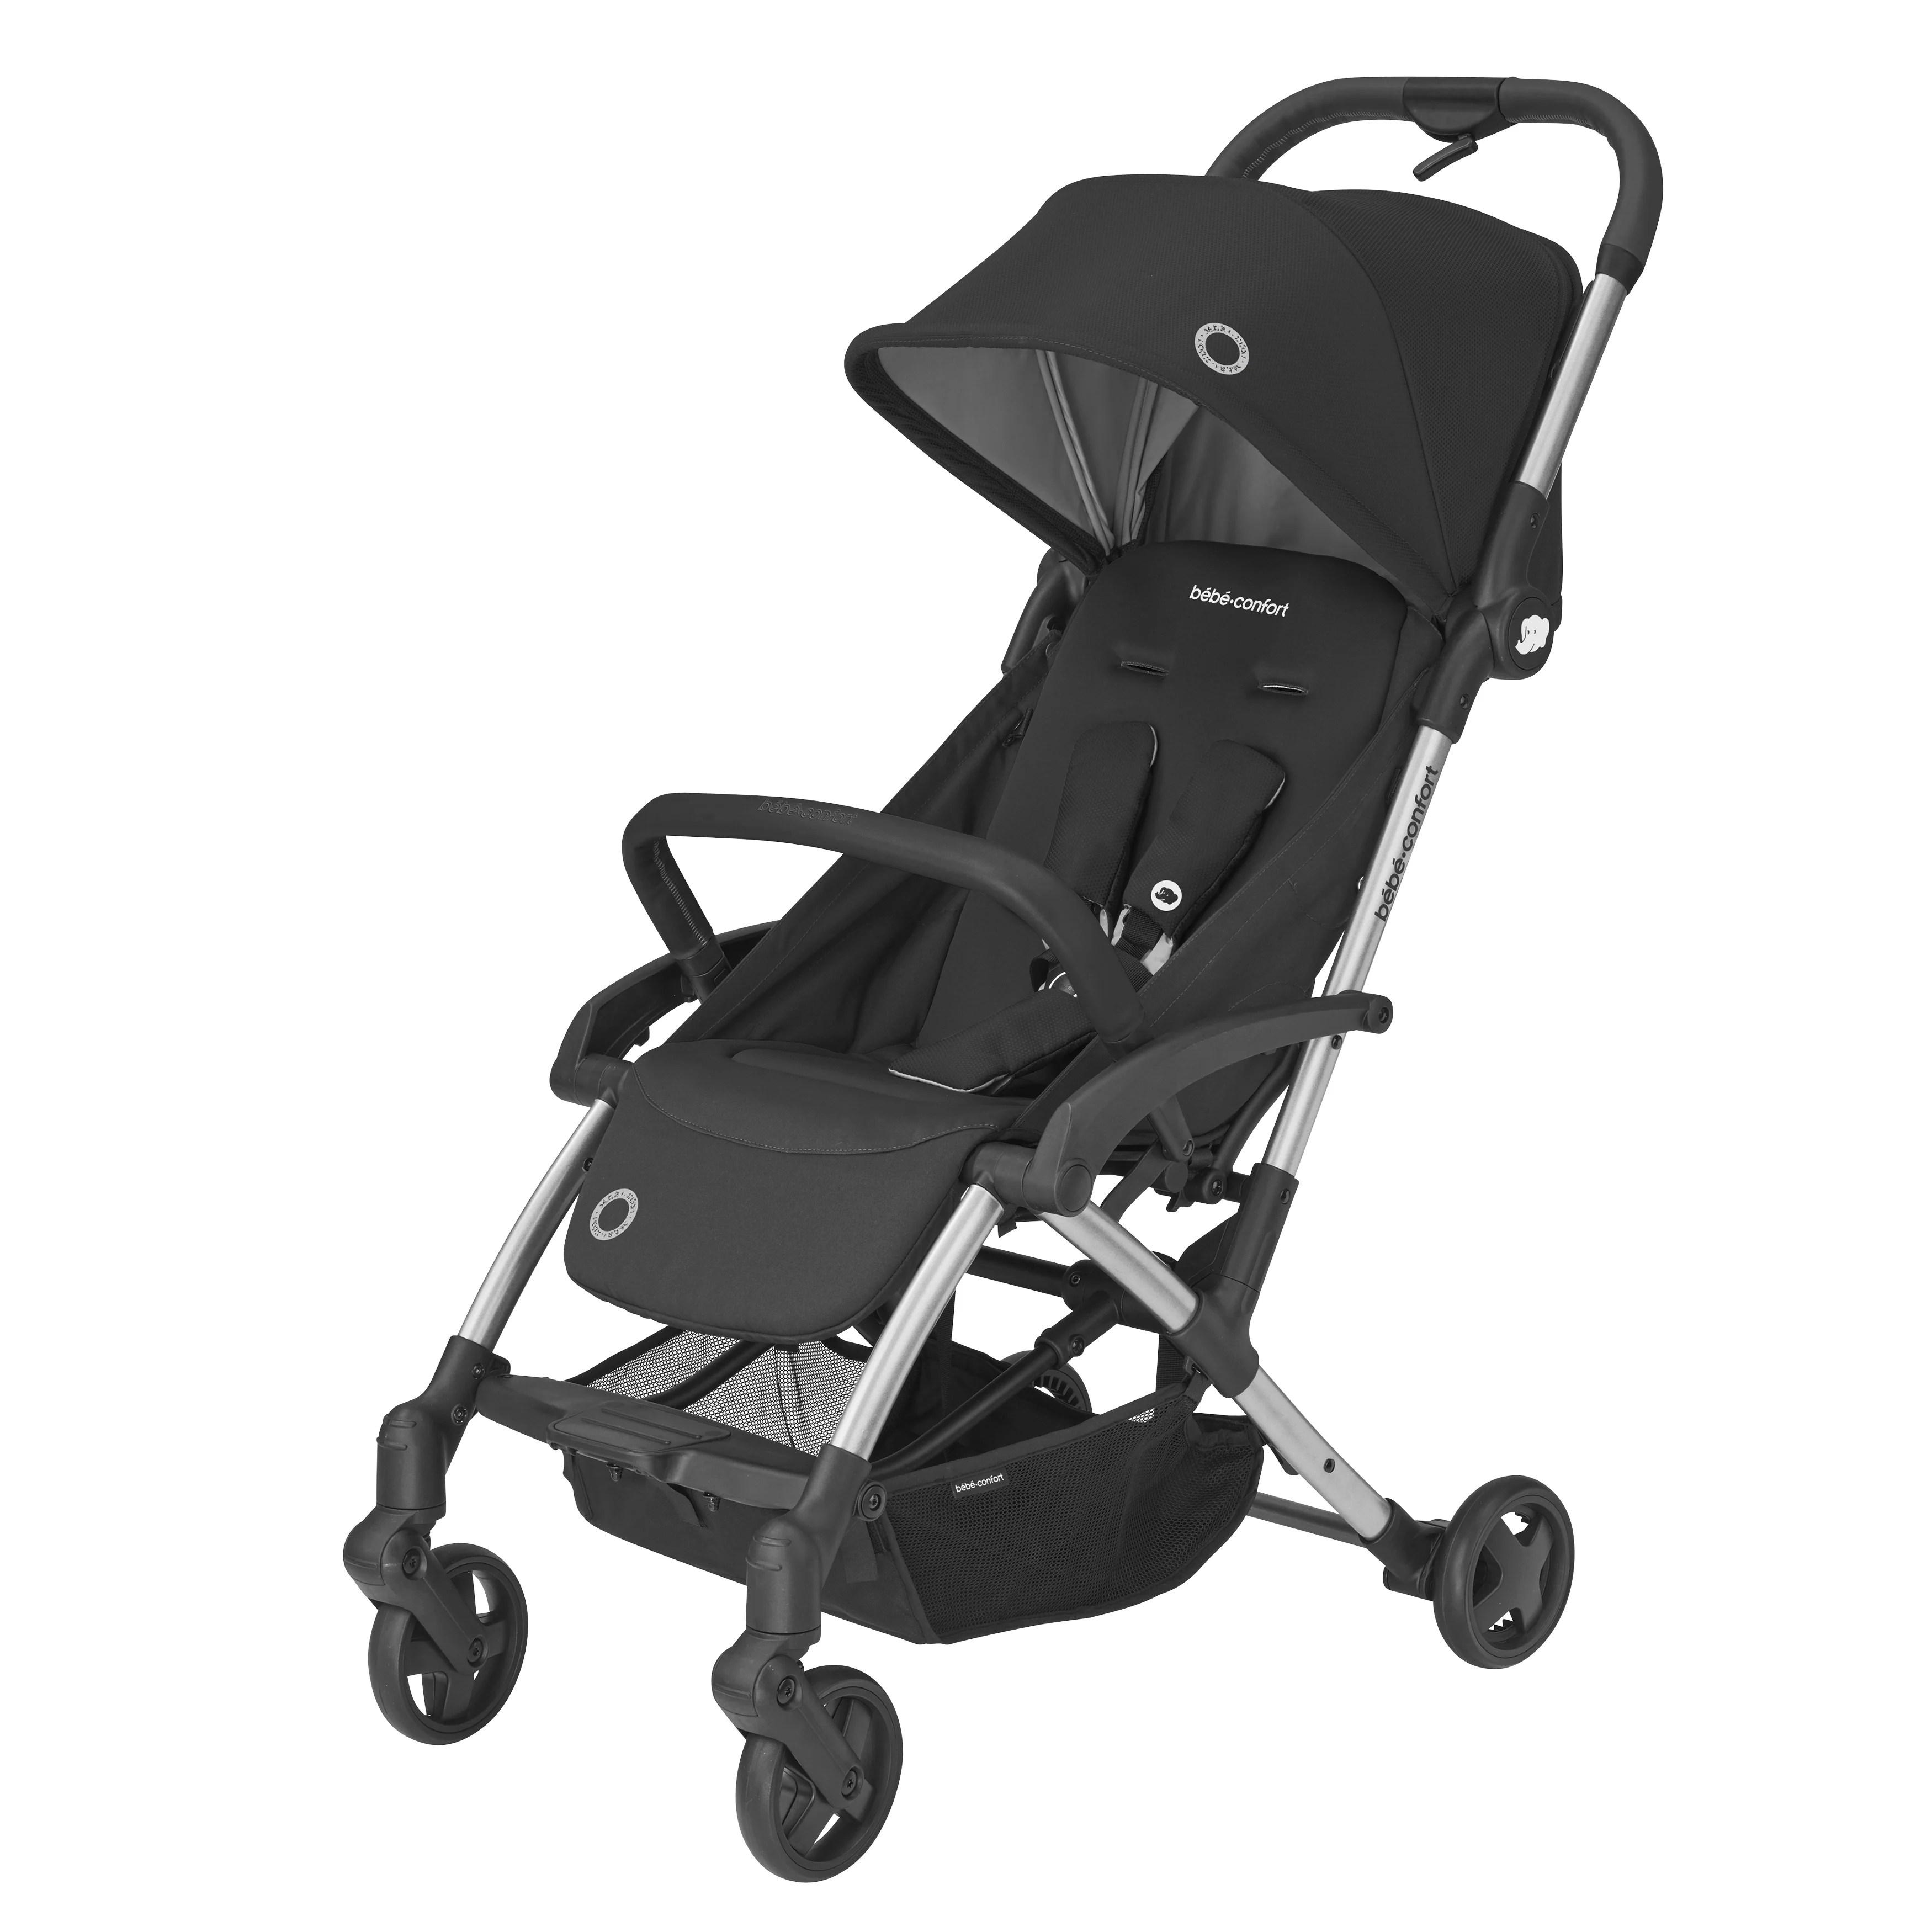 poussette ultra compacte laika 2 bebe confort de bebe confort